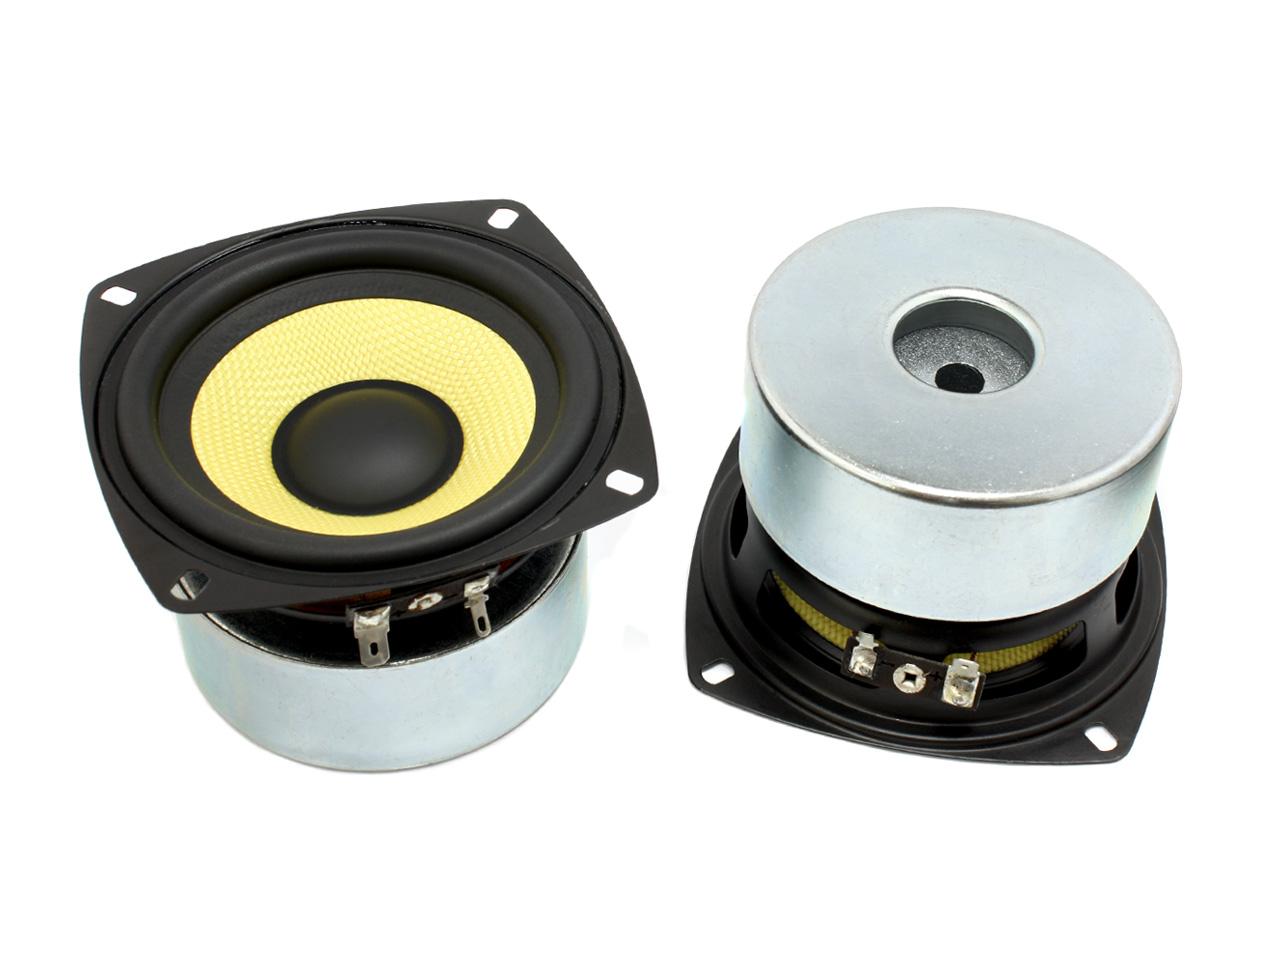 BWでお馴染み マート 情熱セール 高耐久良特性のケブラコーン仕様 ケブラーコーン仕様ウーハースピーカーユニット4インチ 102mm スピーカー自作 4Ω MAX80W DIYオーディオ